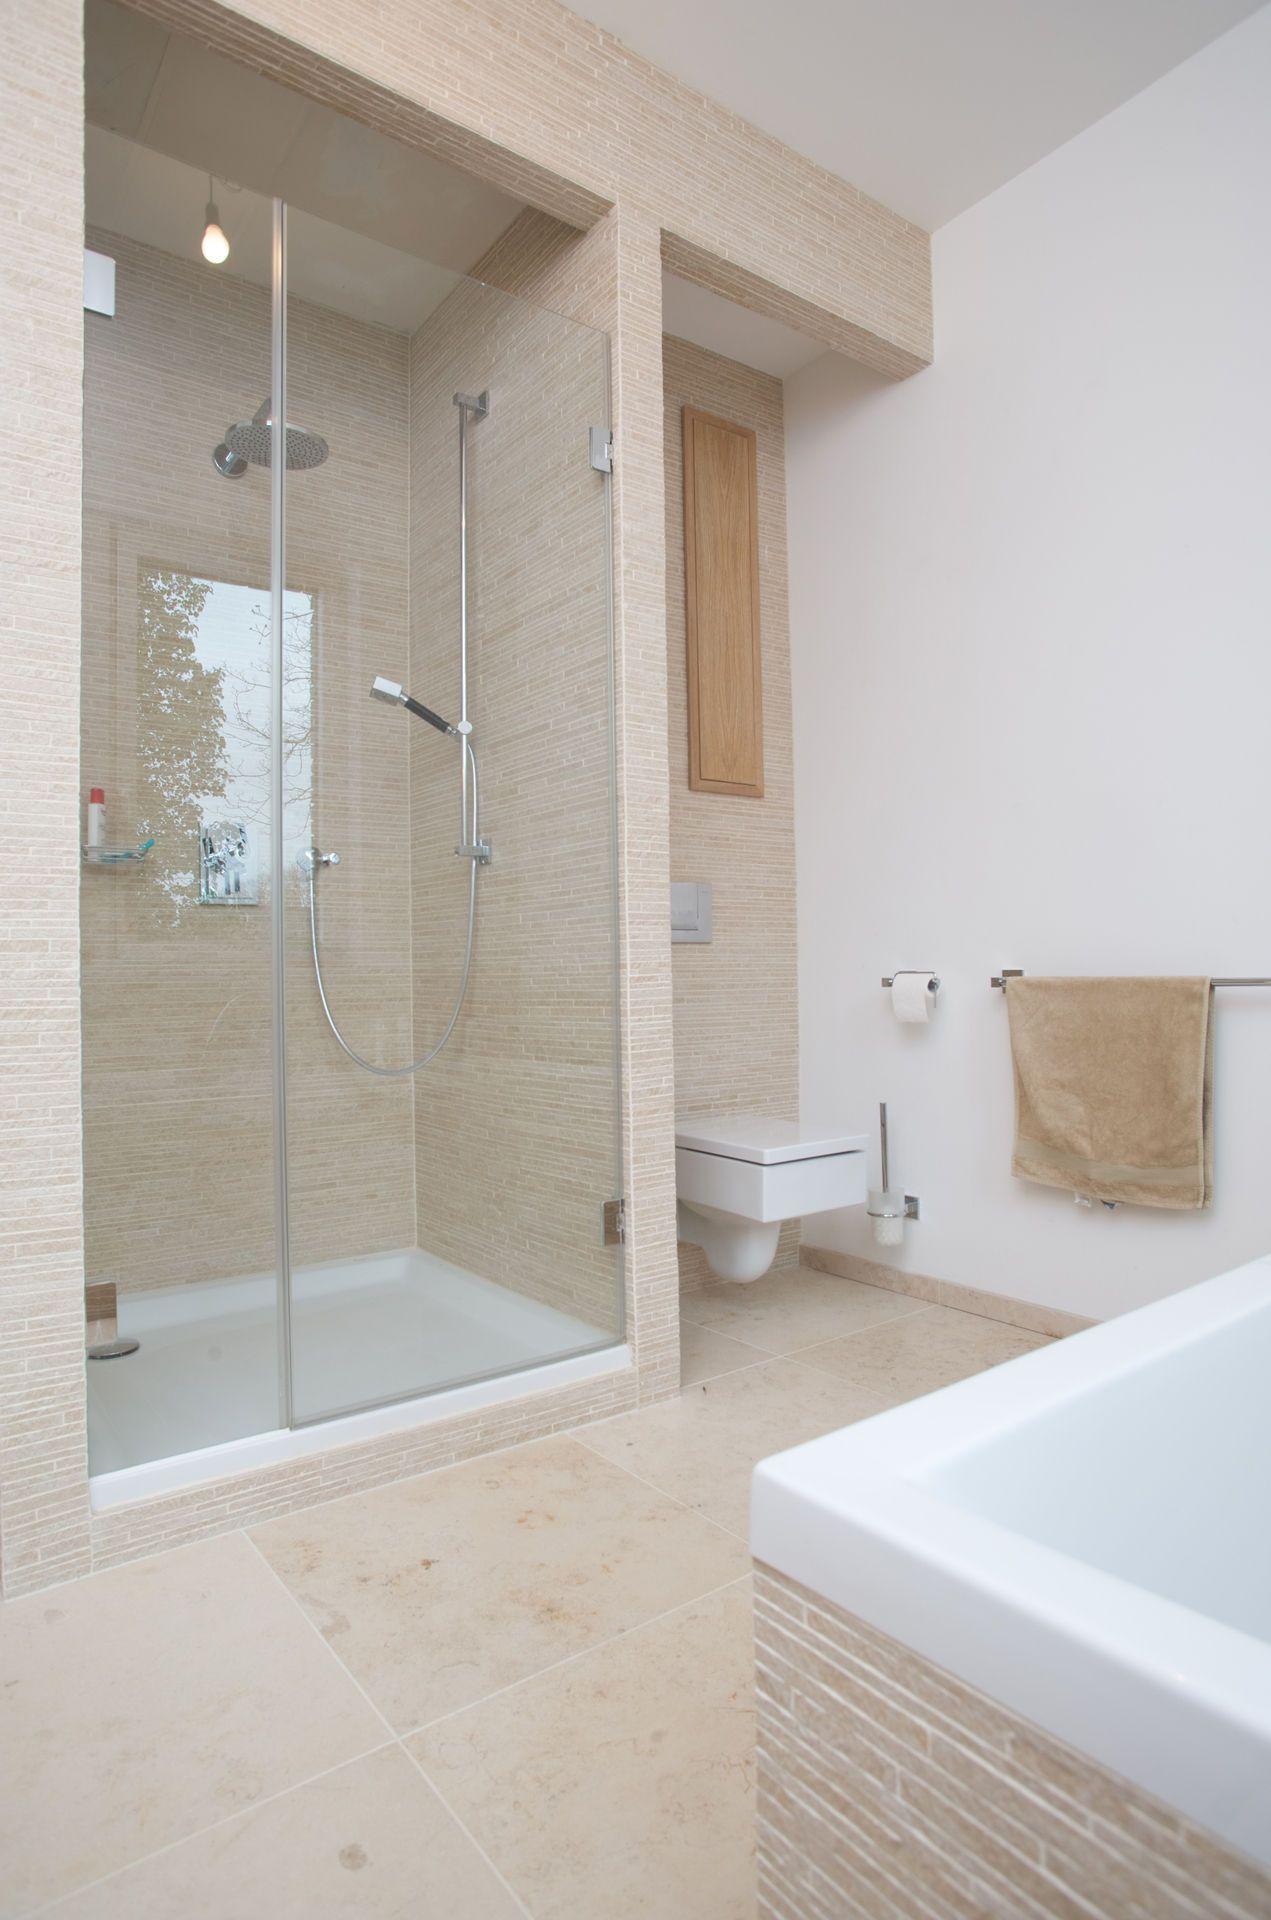 Luxus Im Naturlichen Ambiente Haus Renovierung Ideen Badezimmer Innenausstattung